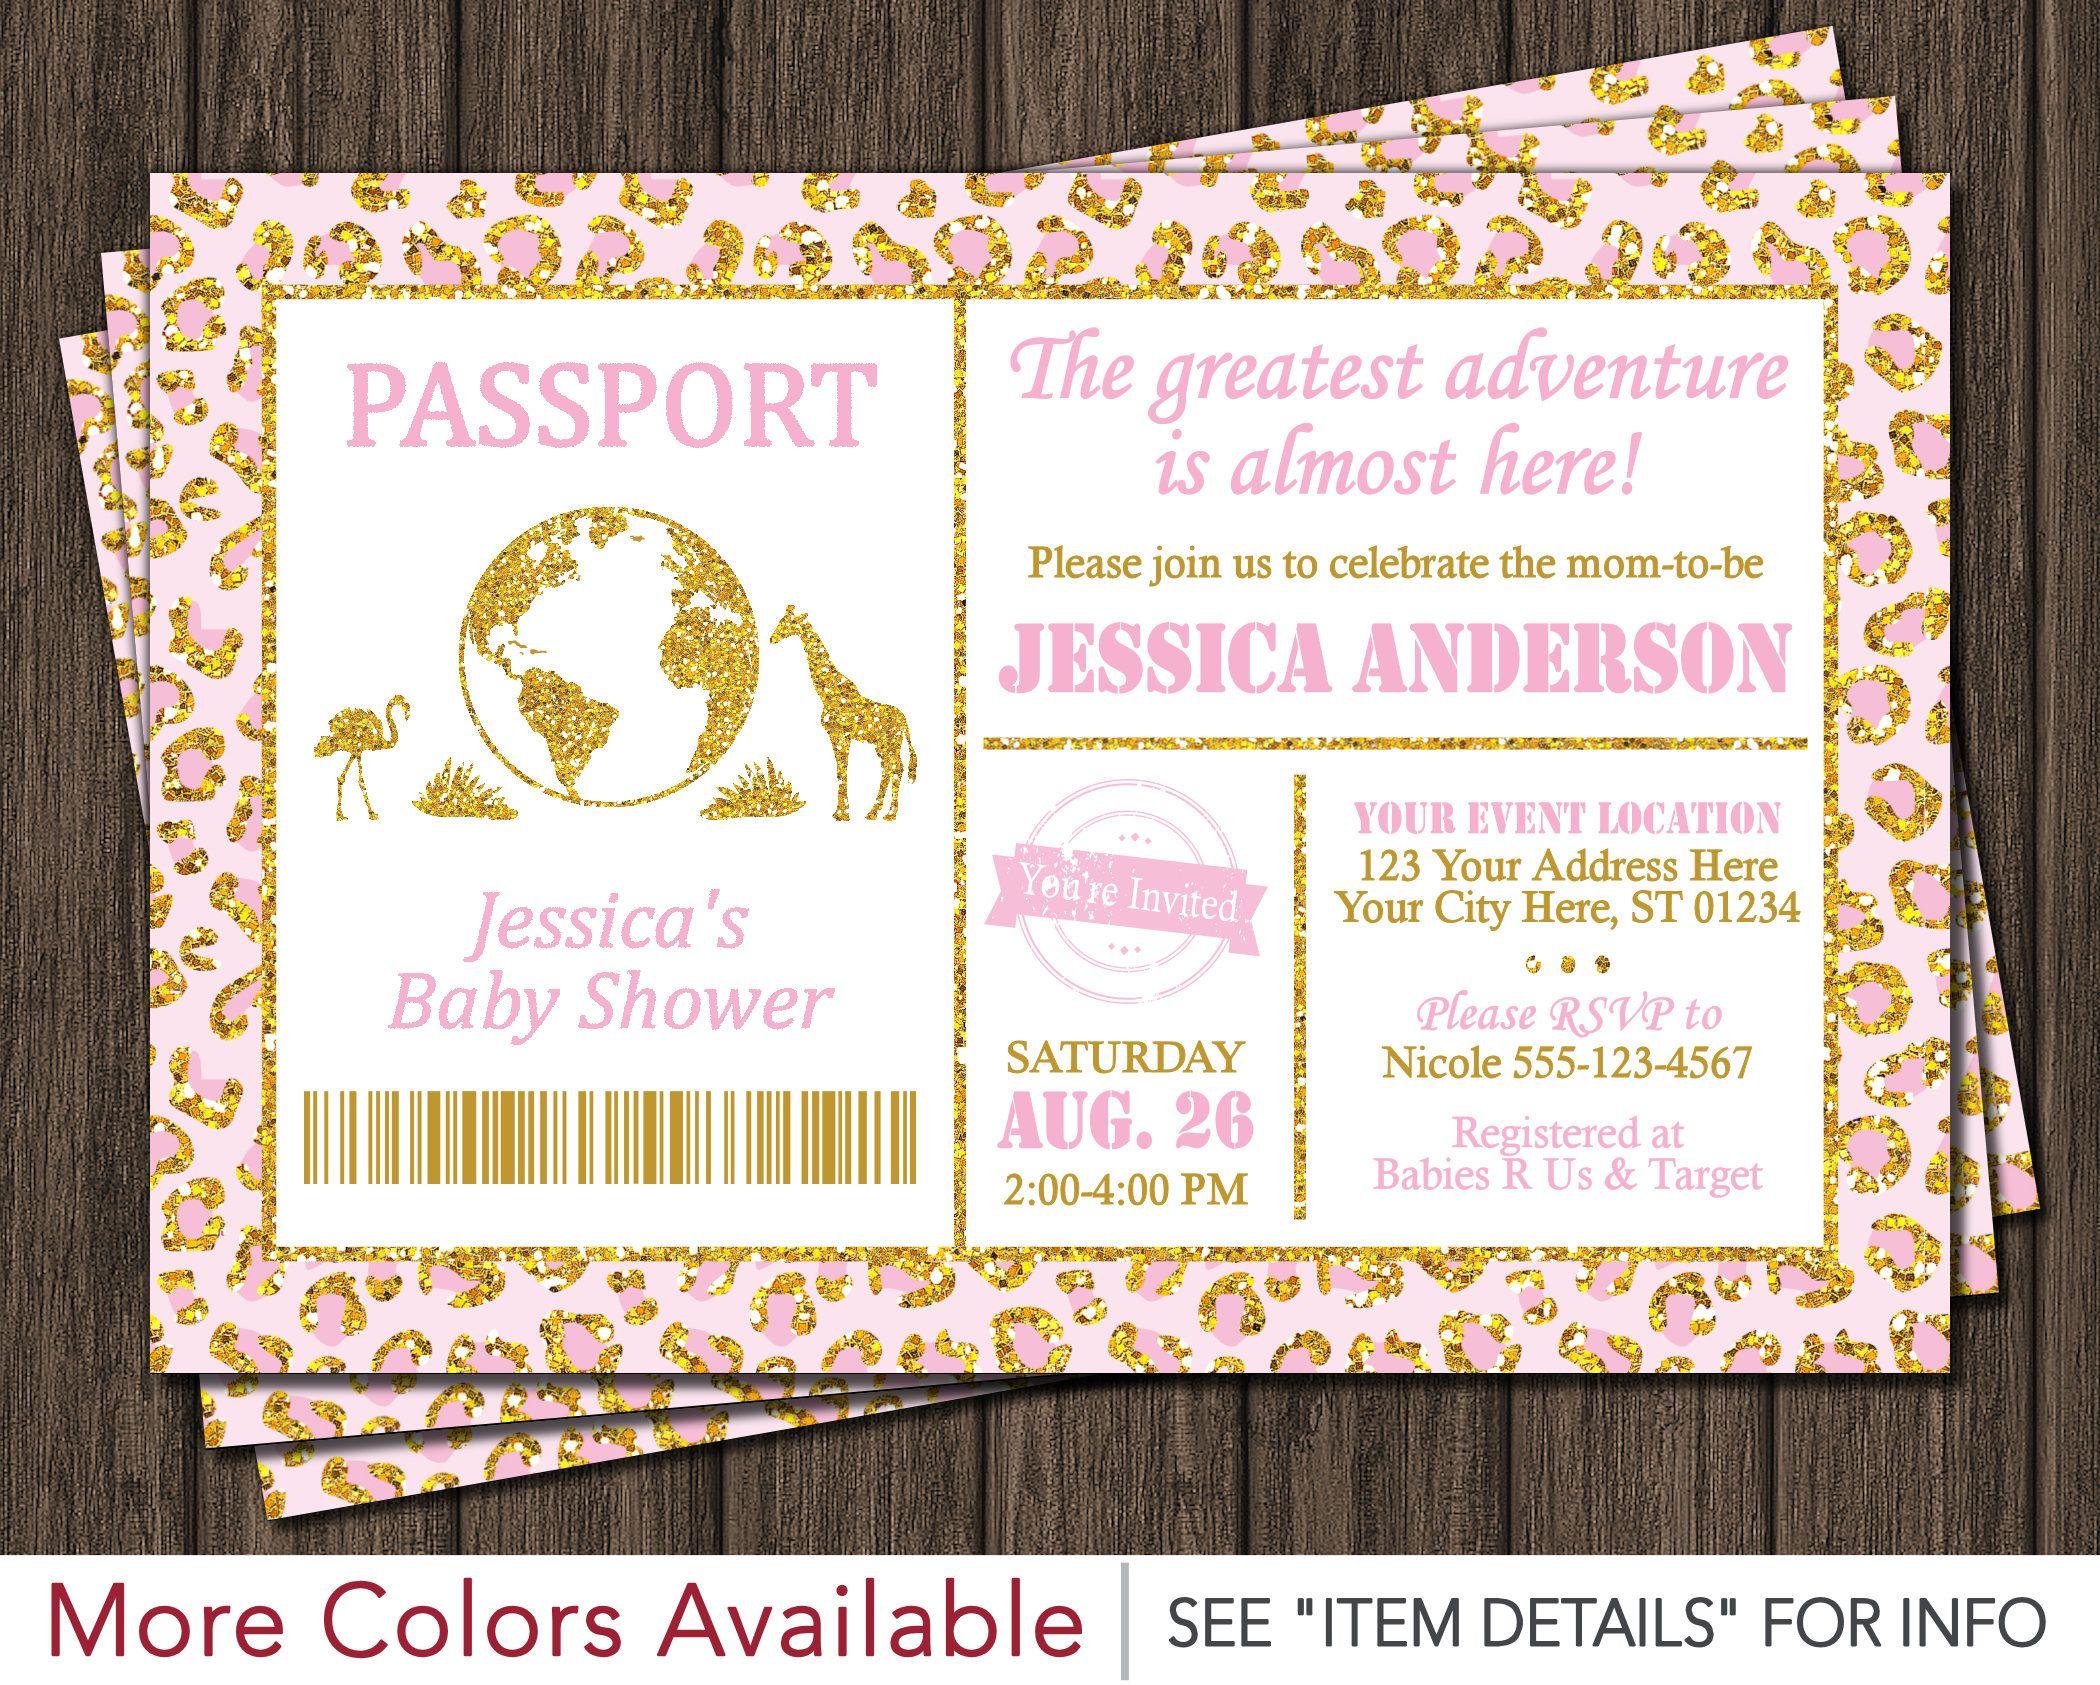 Safari passport baby shower invitation baby pink and gold safari passport baby shower invitation baby pink and gold by puggyprints on etsy filmwisefo